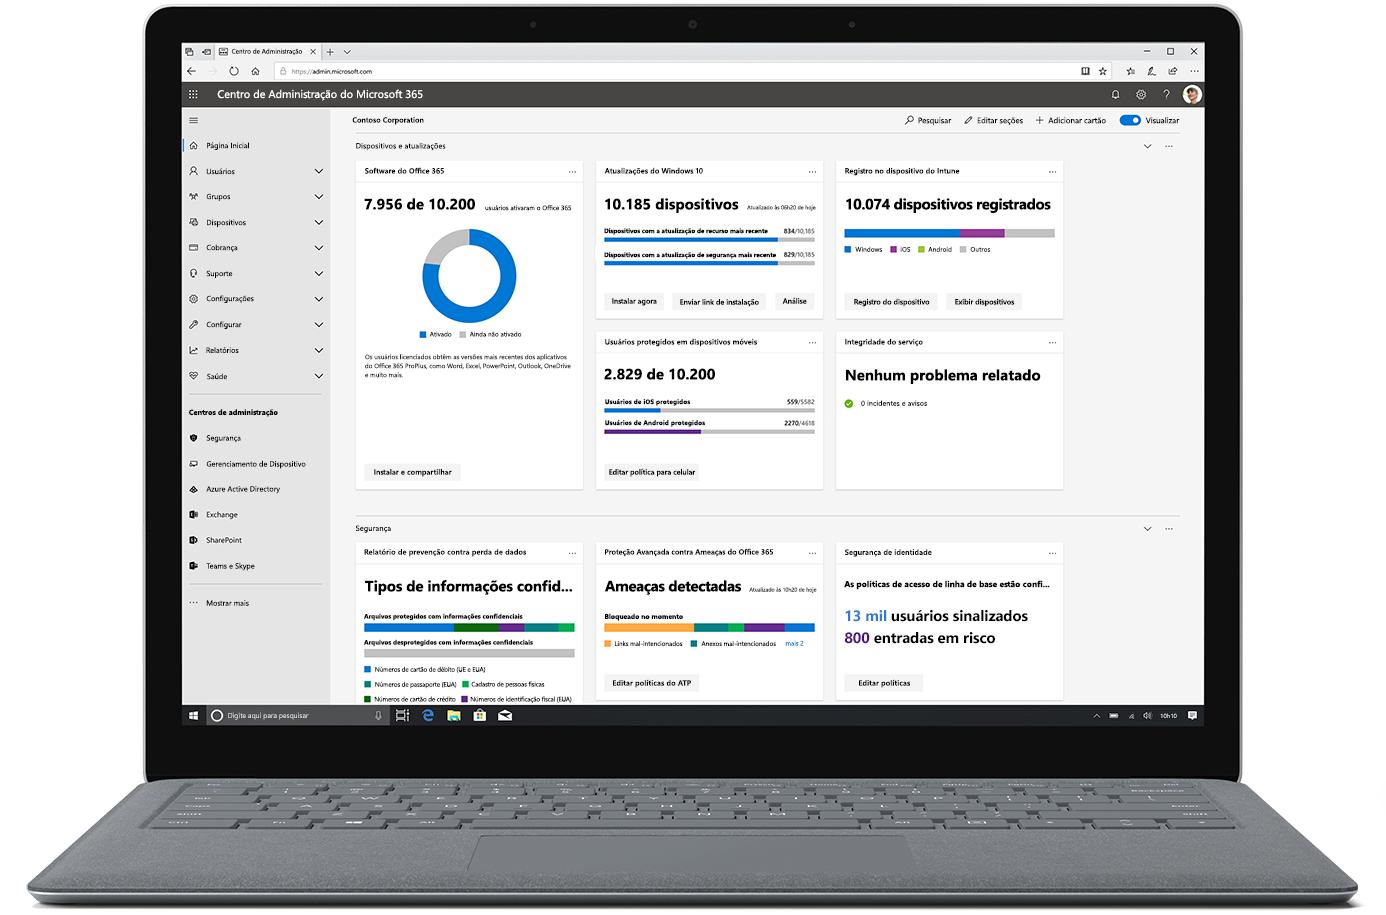 Imagem exibindo o Centro de administração do Microsoft 365 em um laptop aberto.